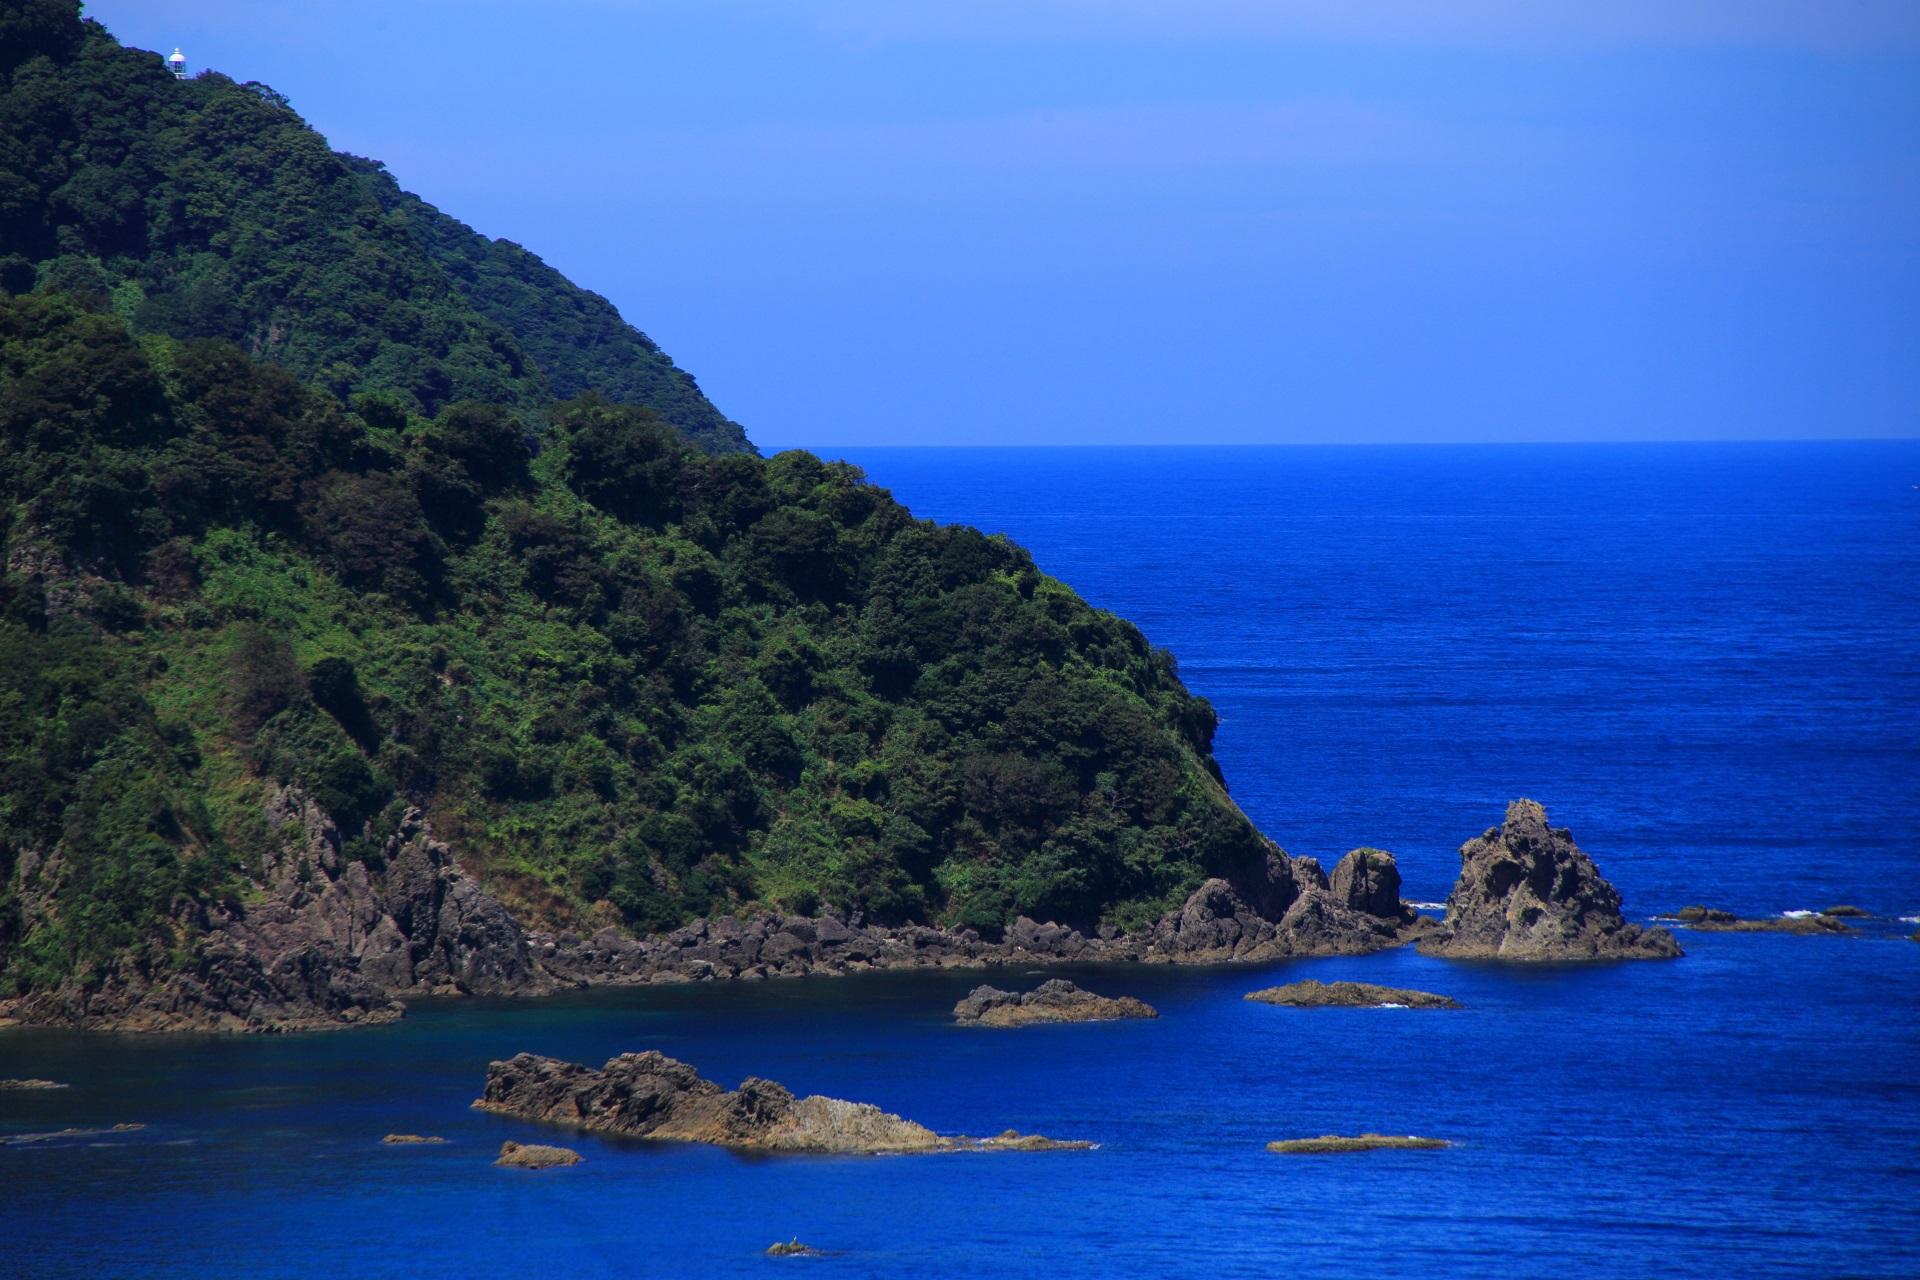 カマヤ海岸から眺める経ヶ岬と灯台と日本海